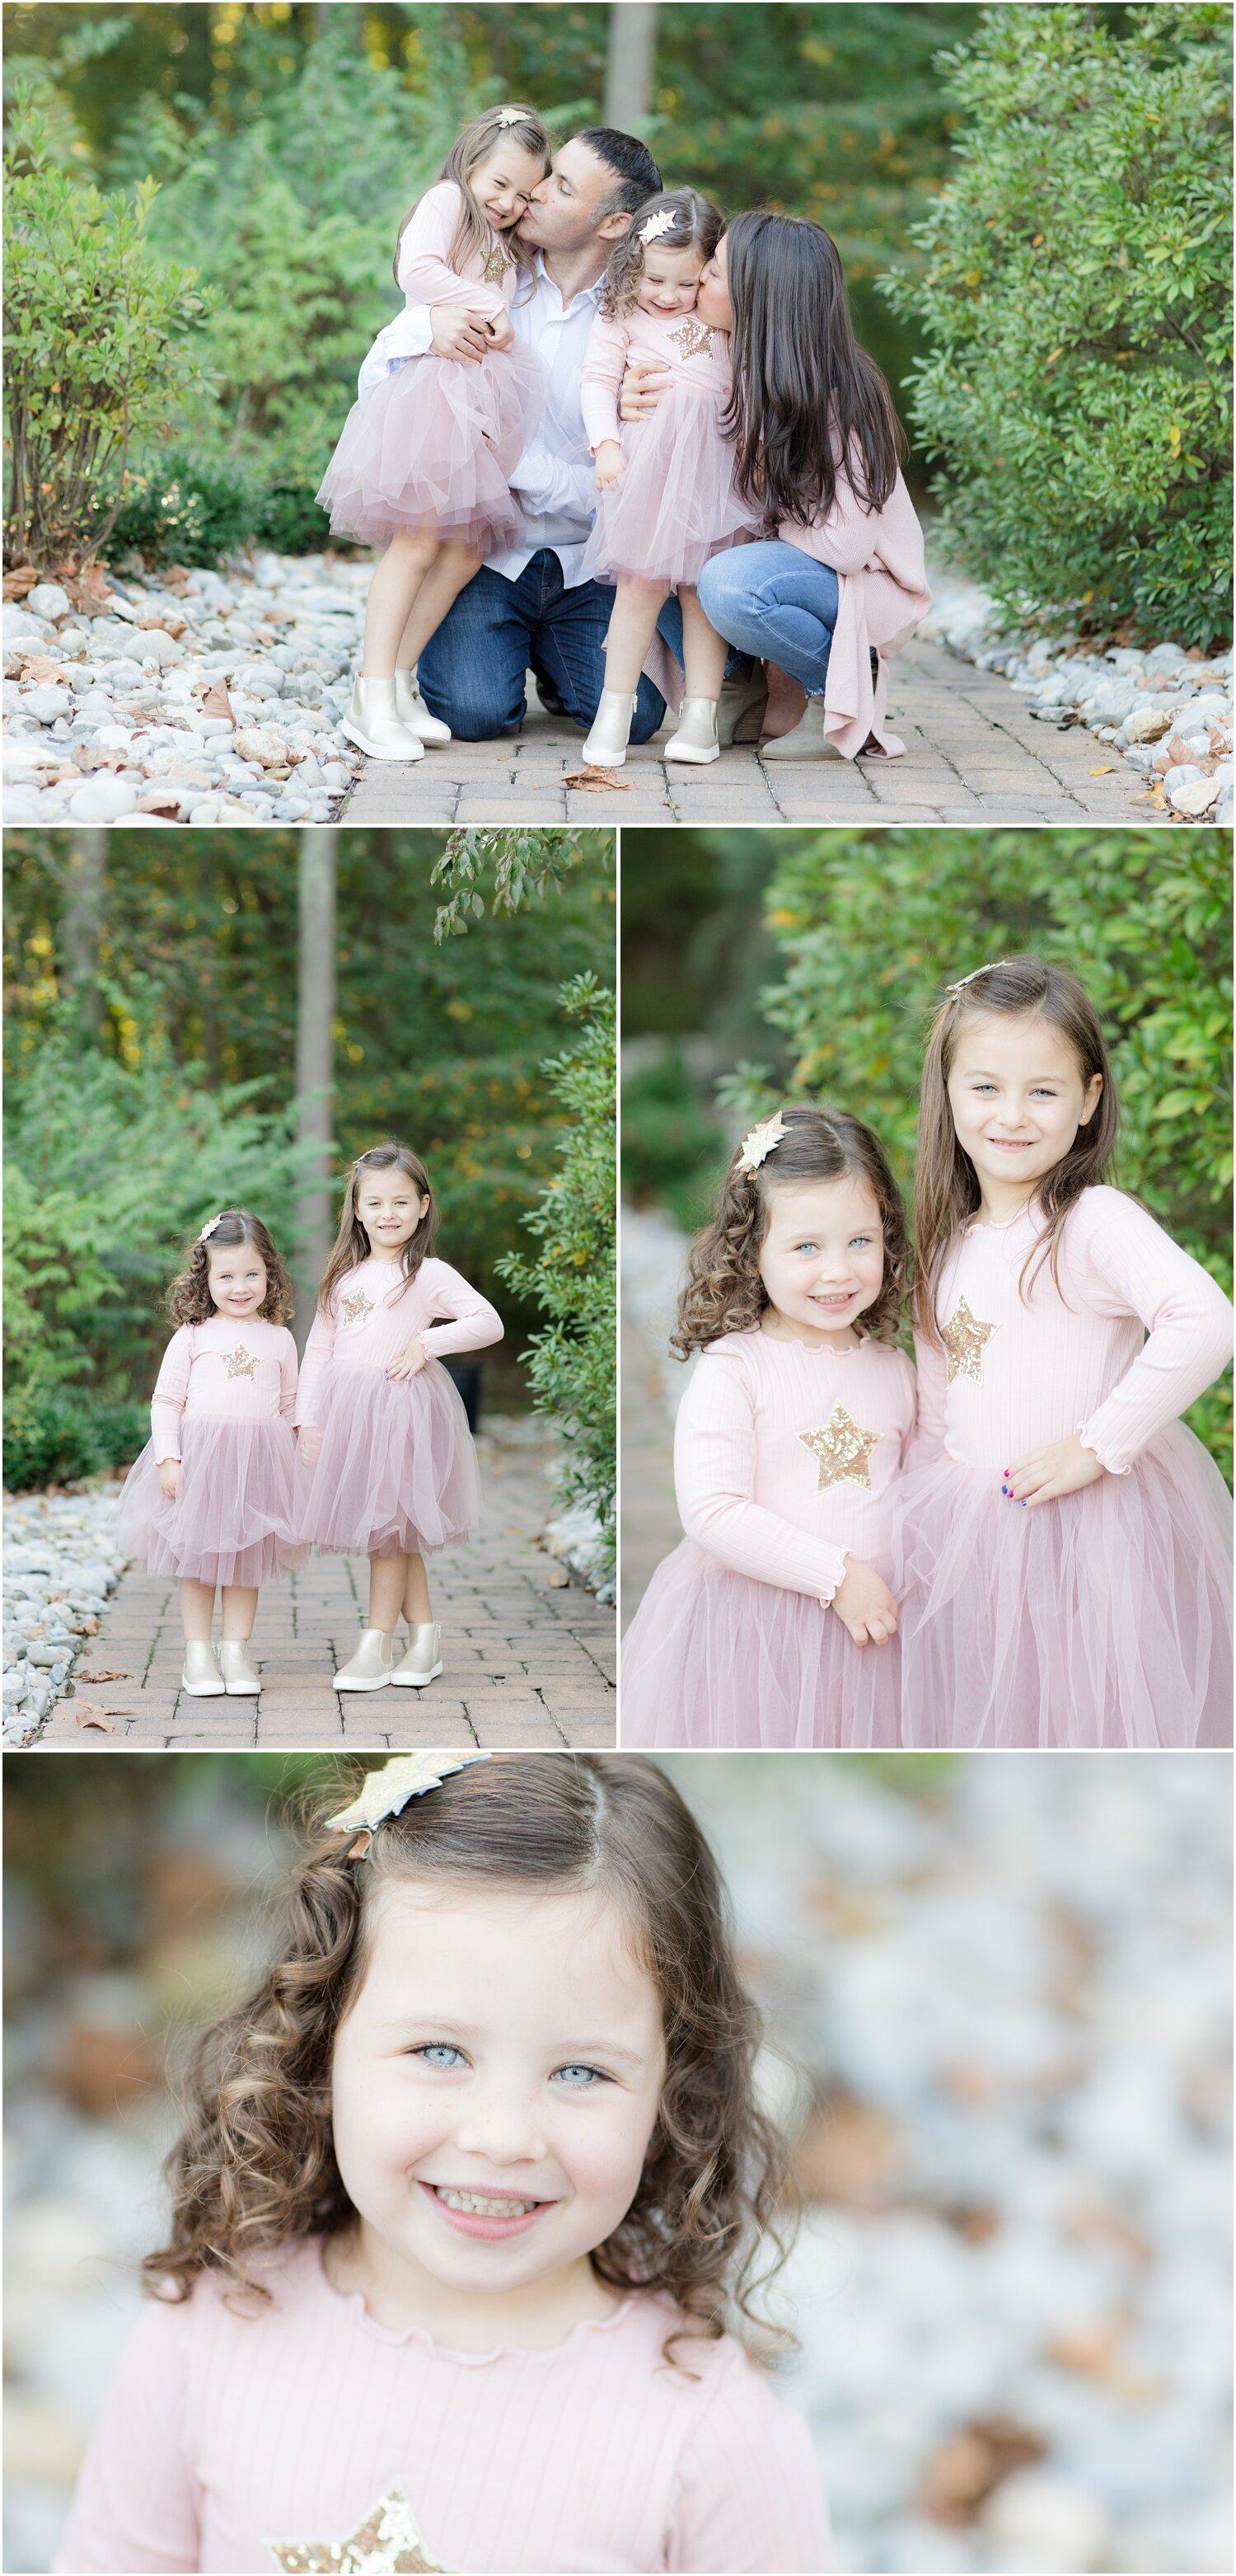 Family photos at a park in Hamilton, NJ.